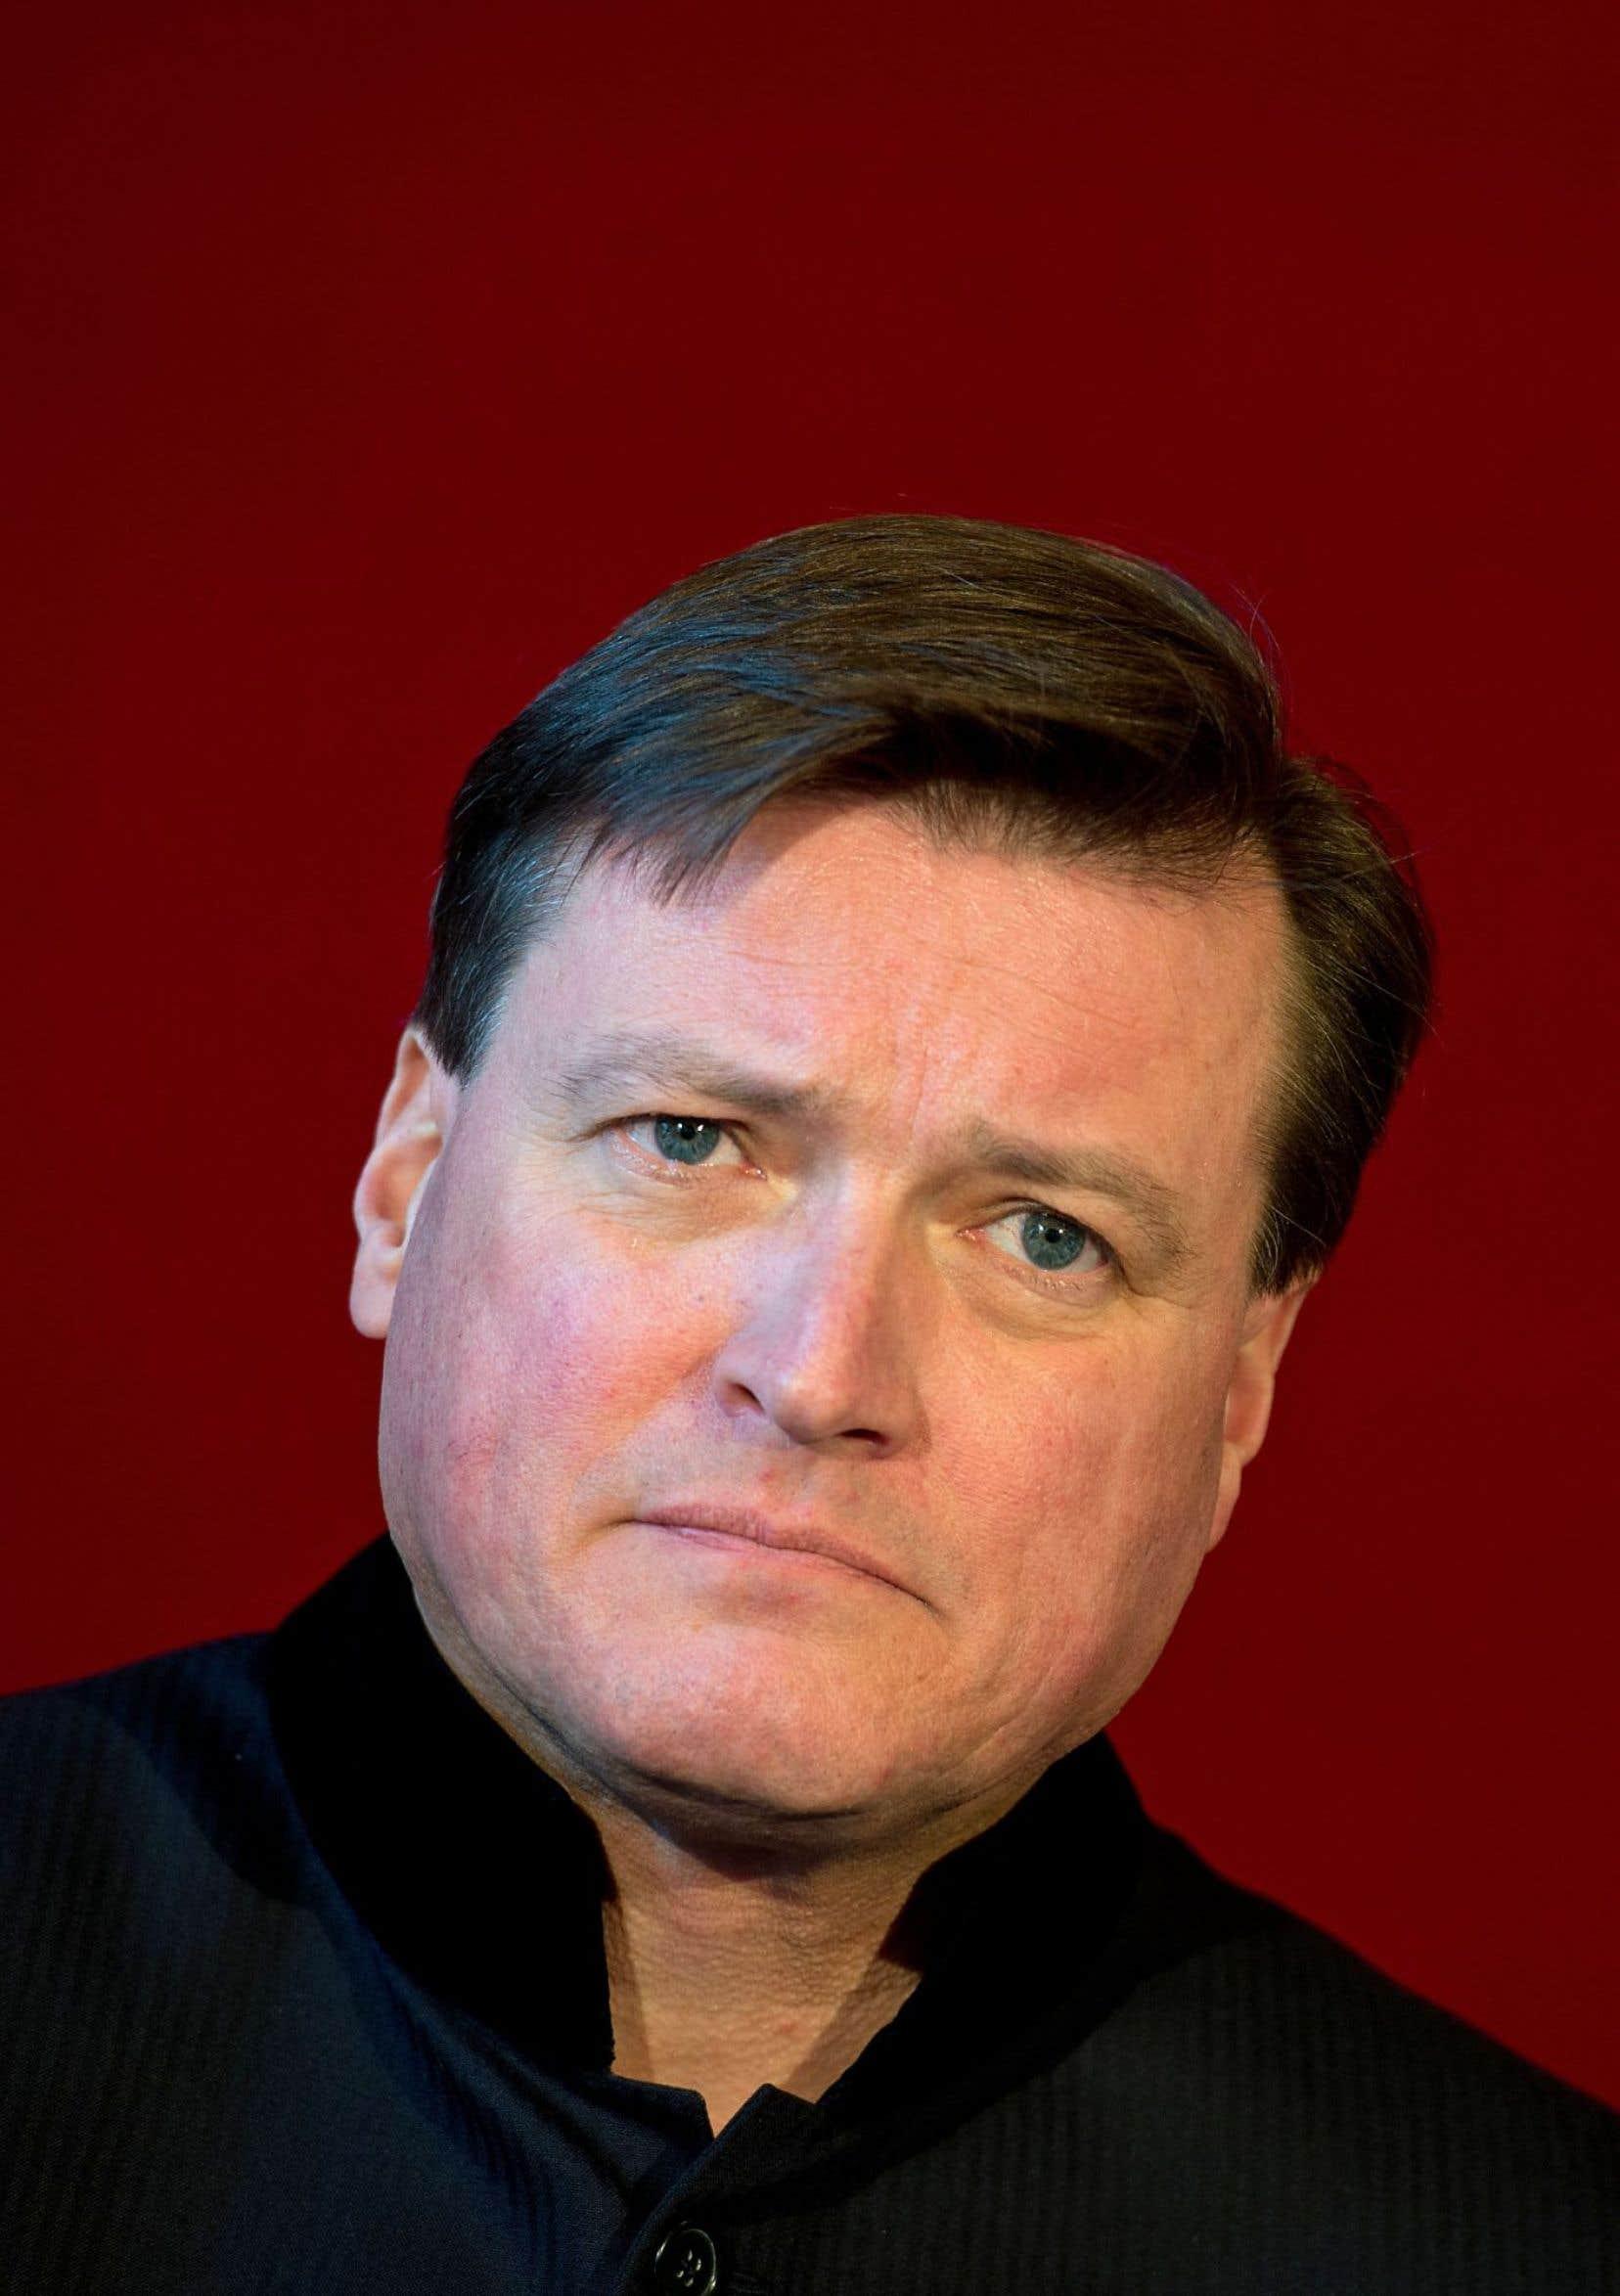 La nomination de Christian Thielemann au poste de directeur musical à Bayreuth est une originalité et un coup de maître, le festival n'ayant que des directeurs artistiques issus de la famille Wagner.